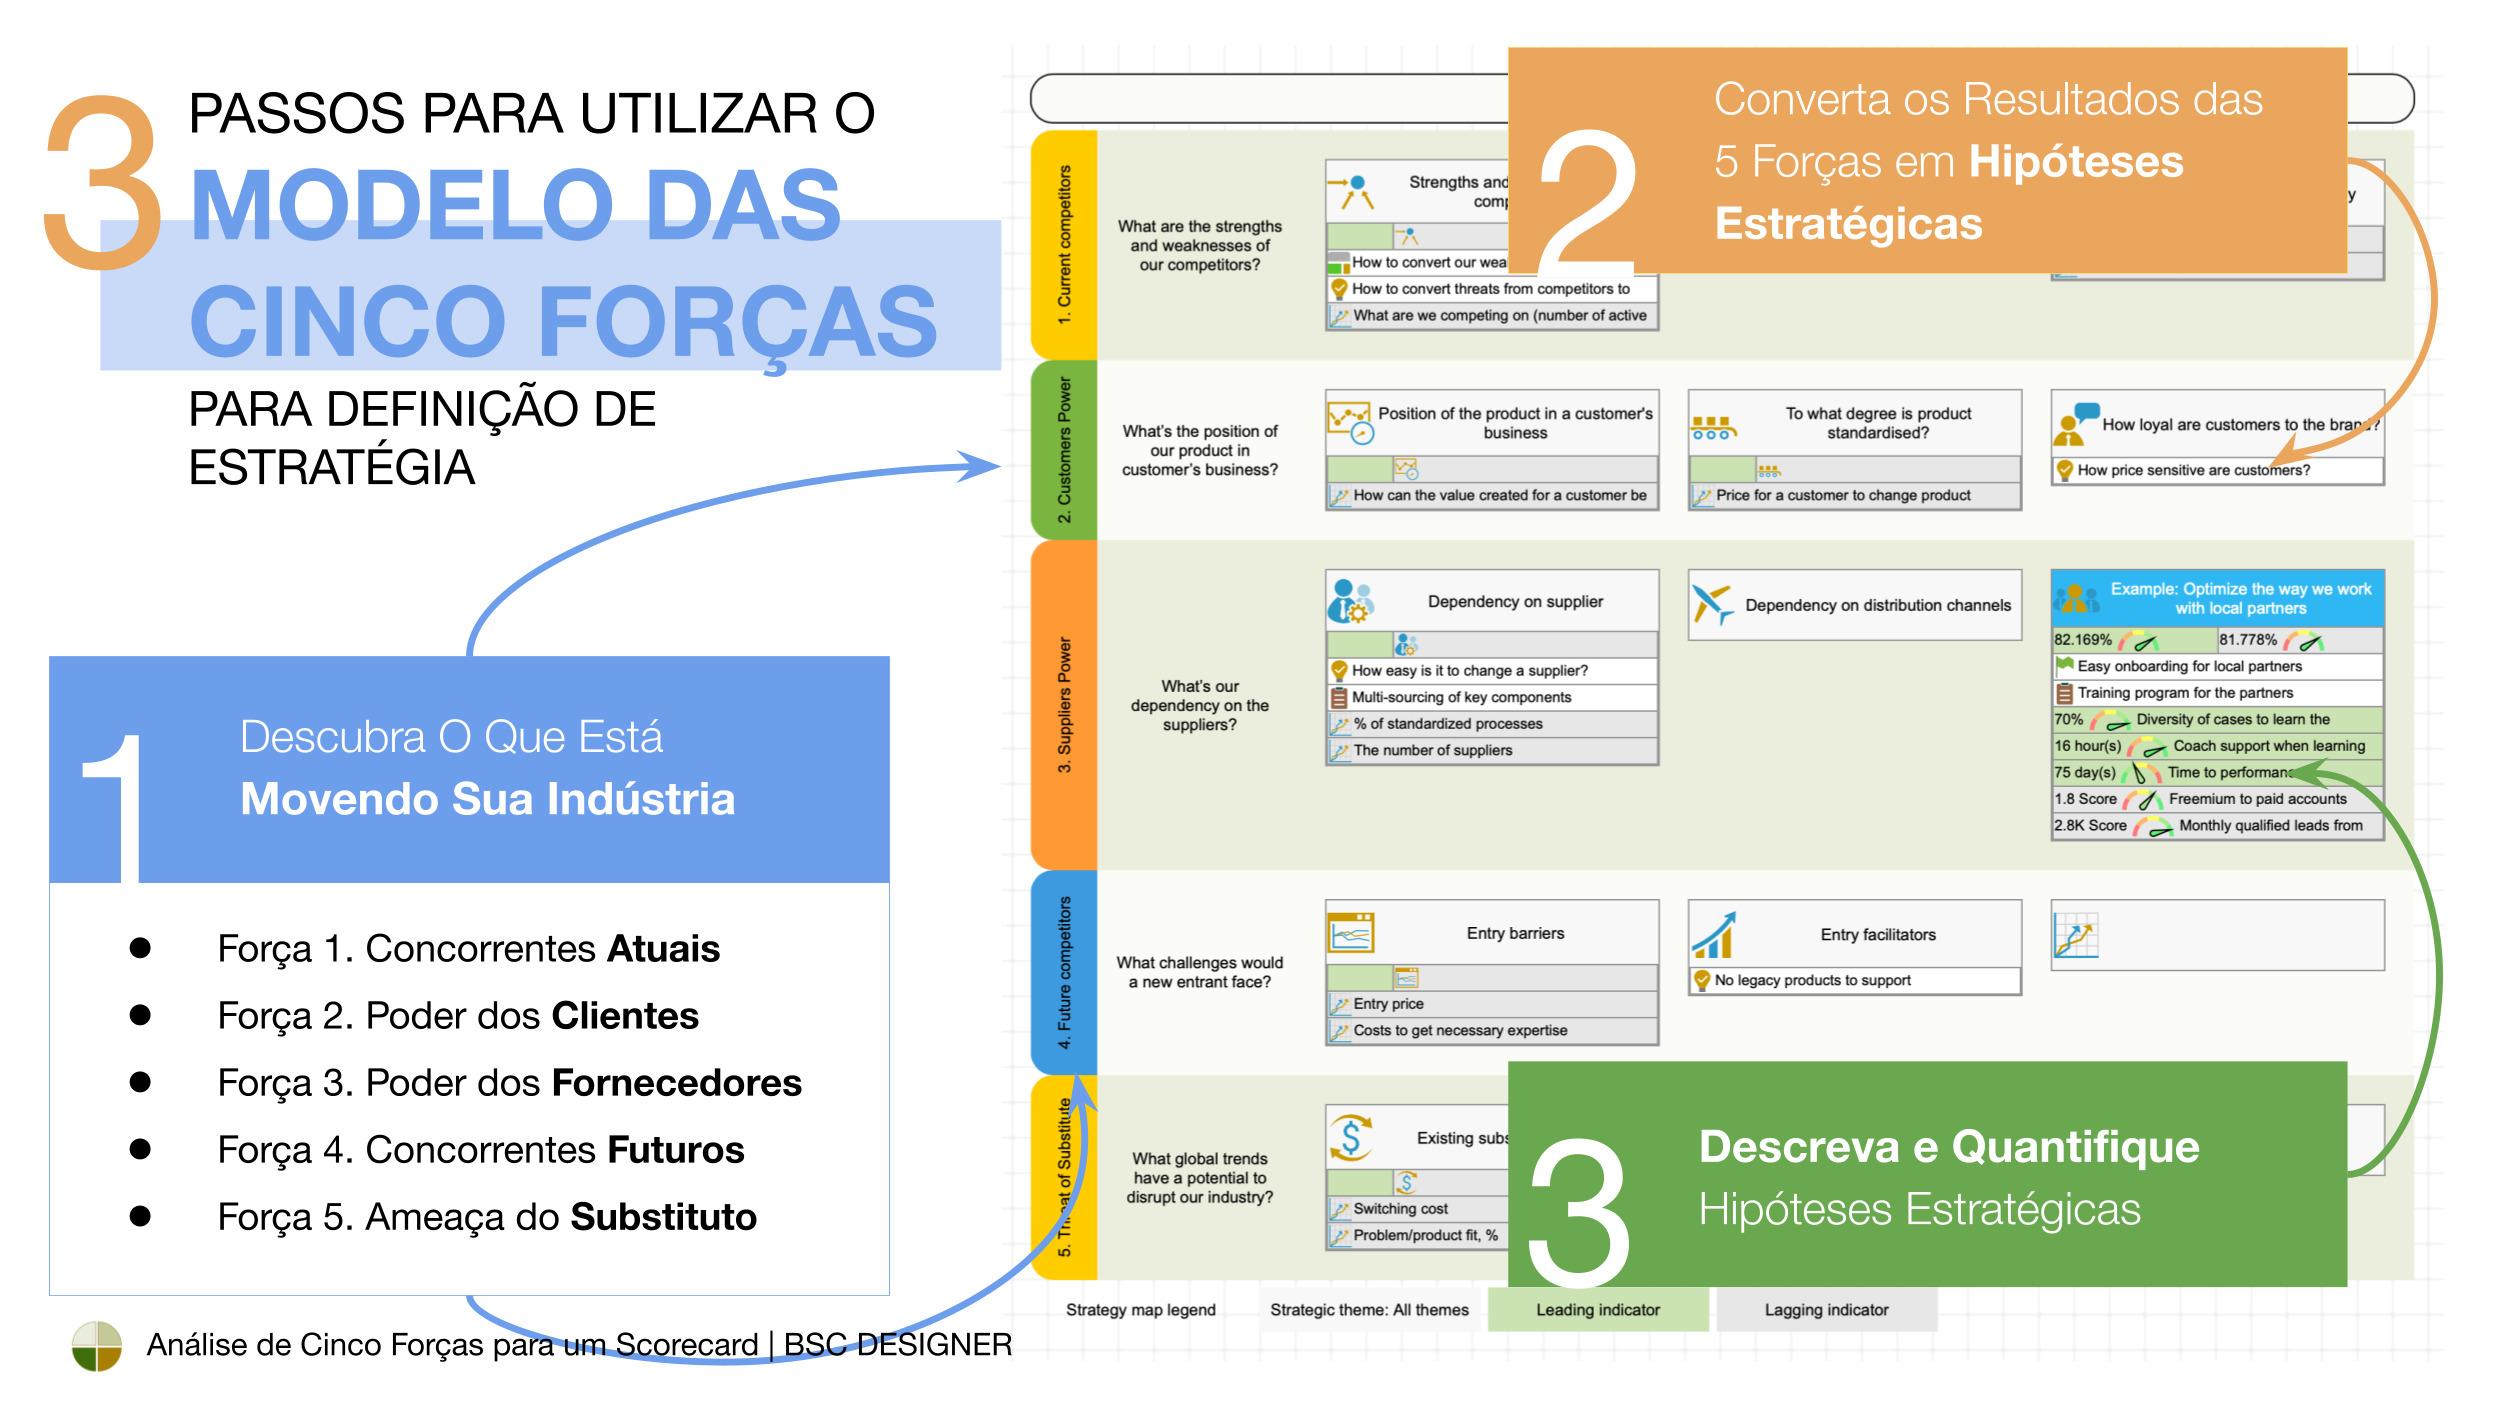 3 passos para formular uma estratégia competitiva com o modelo das Cinco Forças de Porter